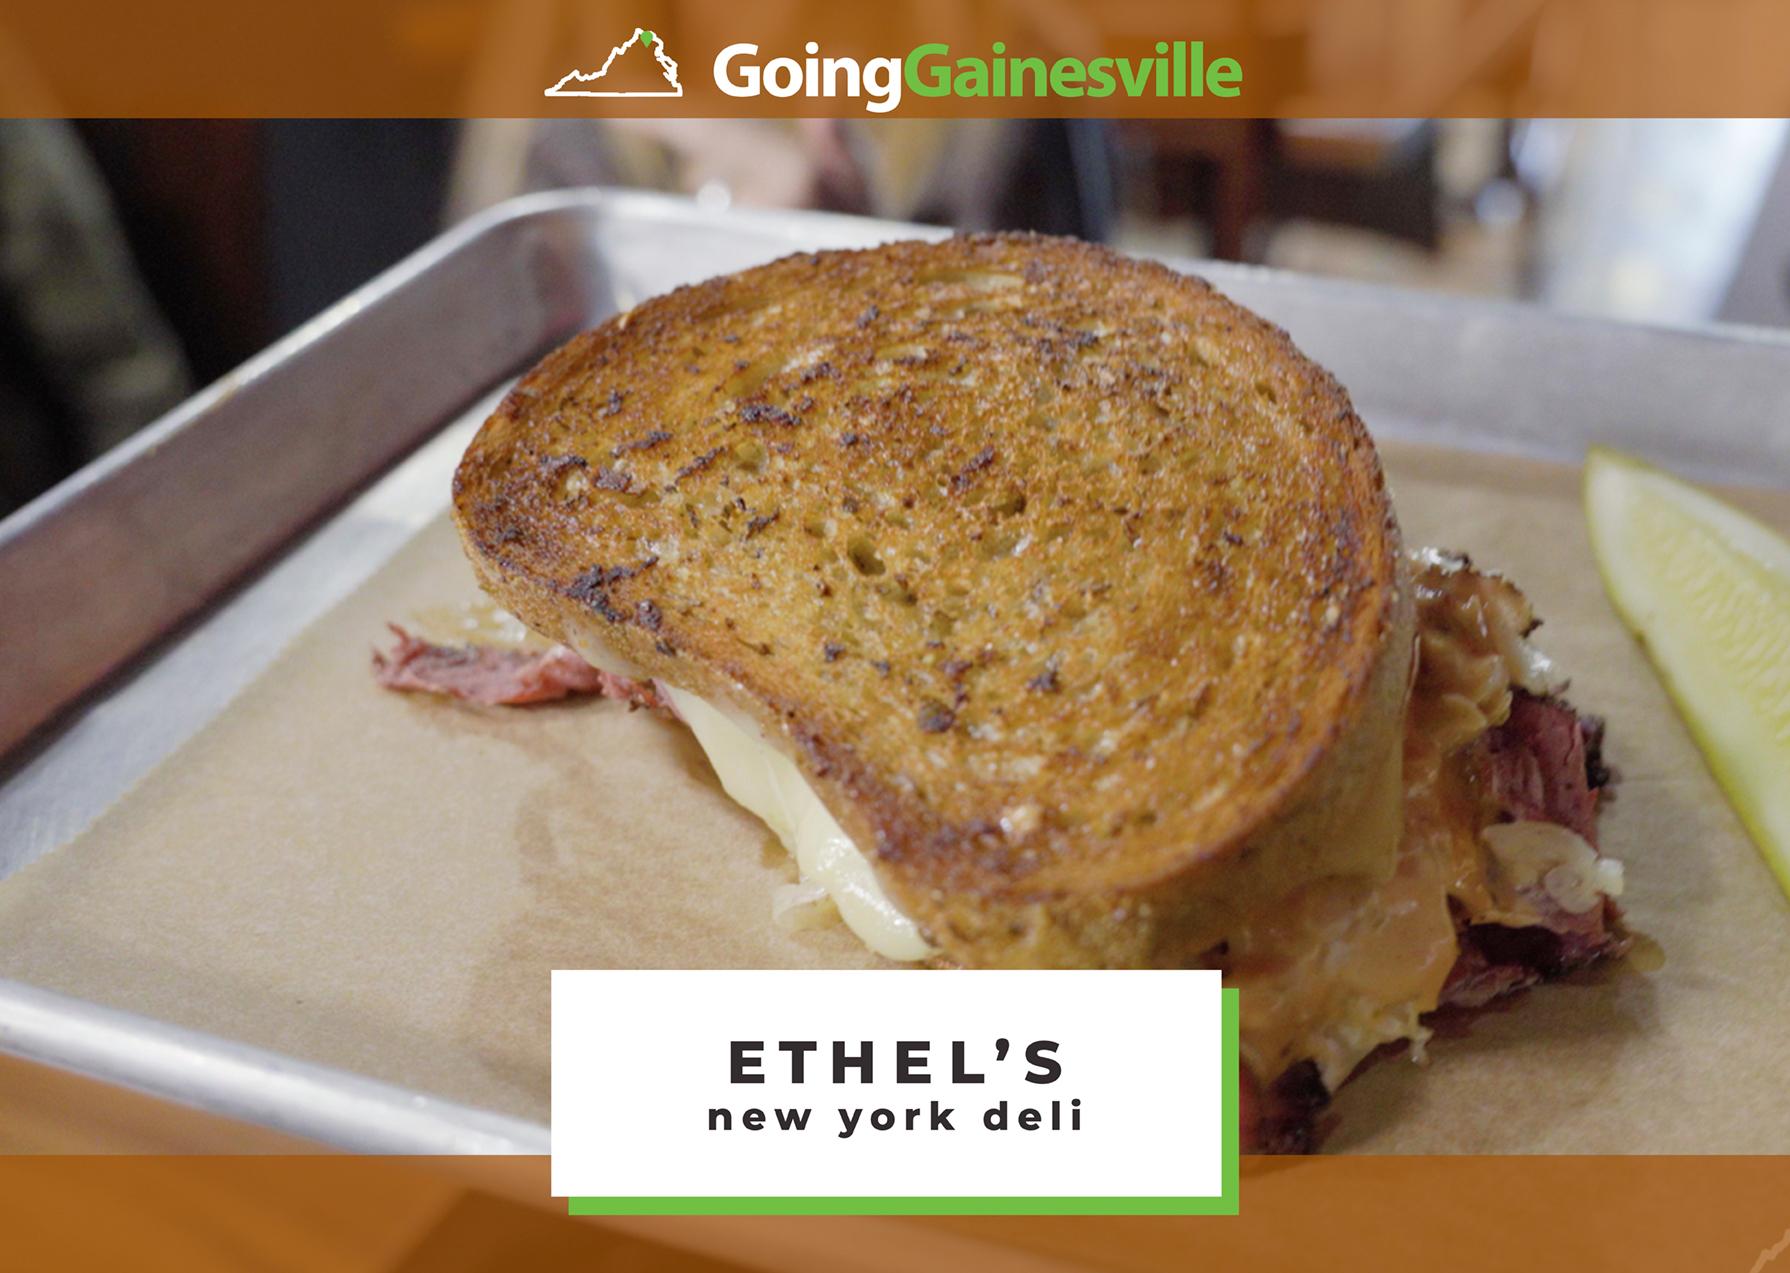 Ethel's NY Deli